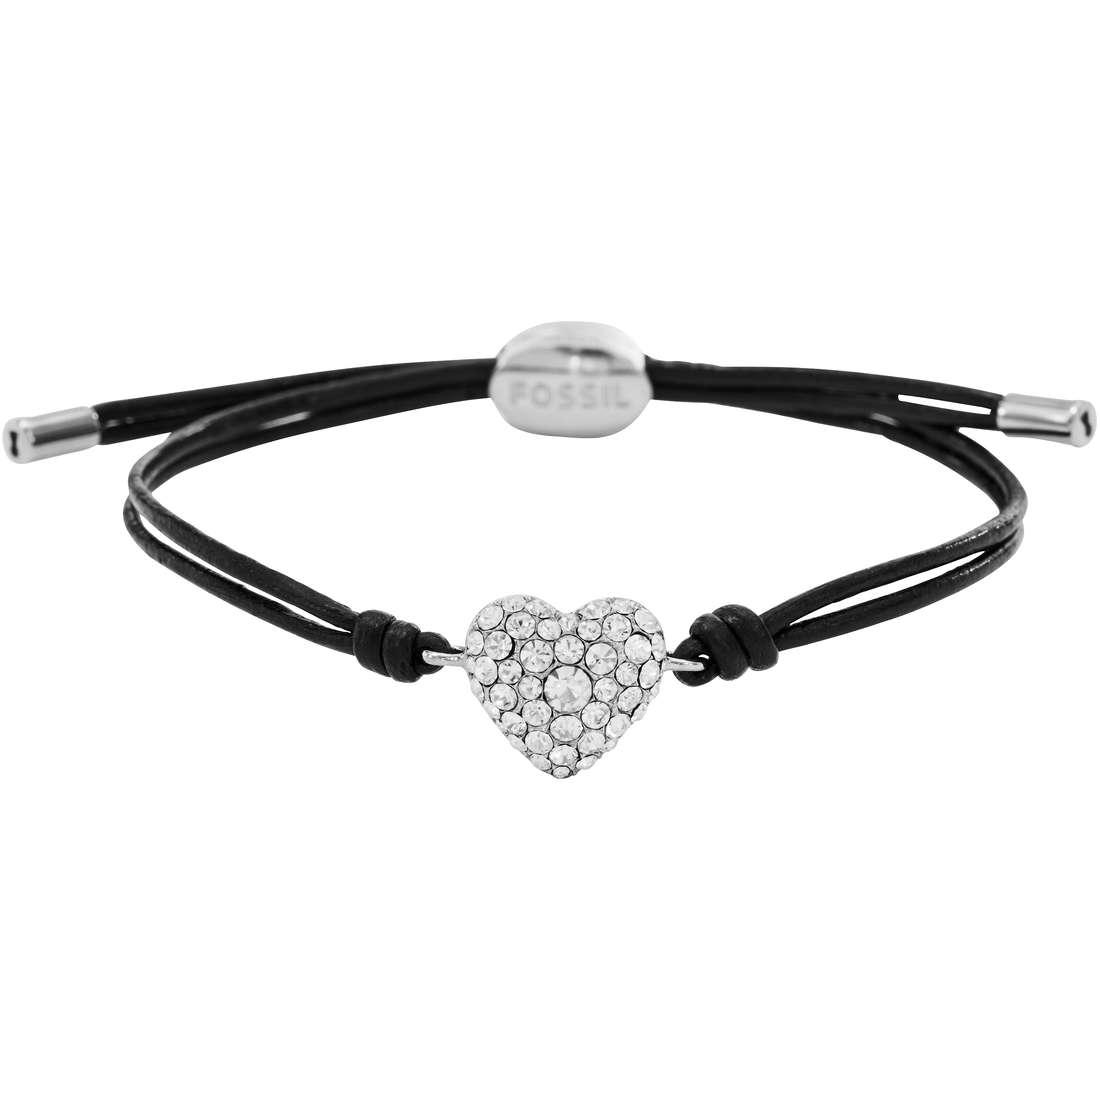 bracelet woman jewellery Fossil JF01206040